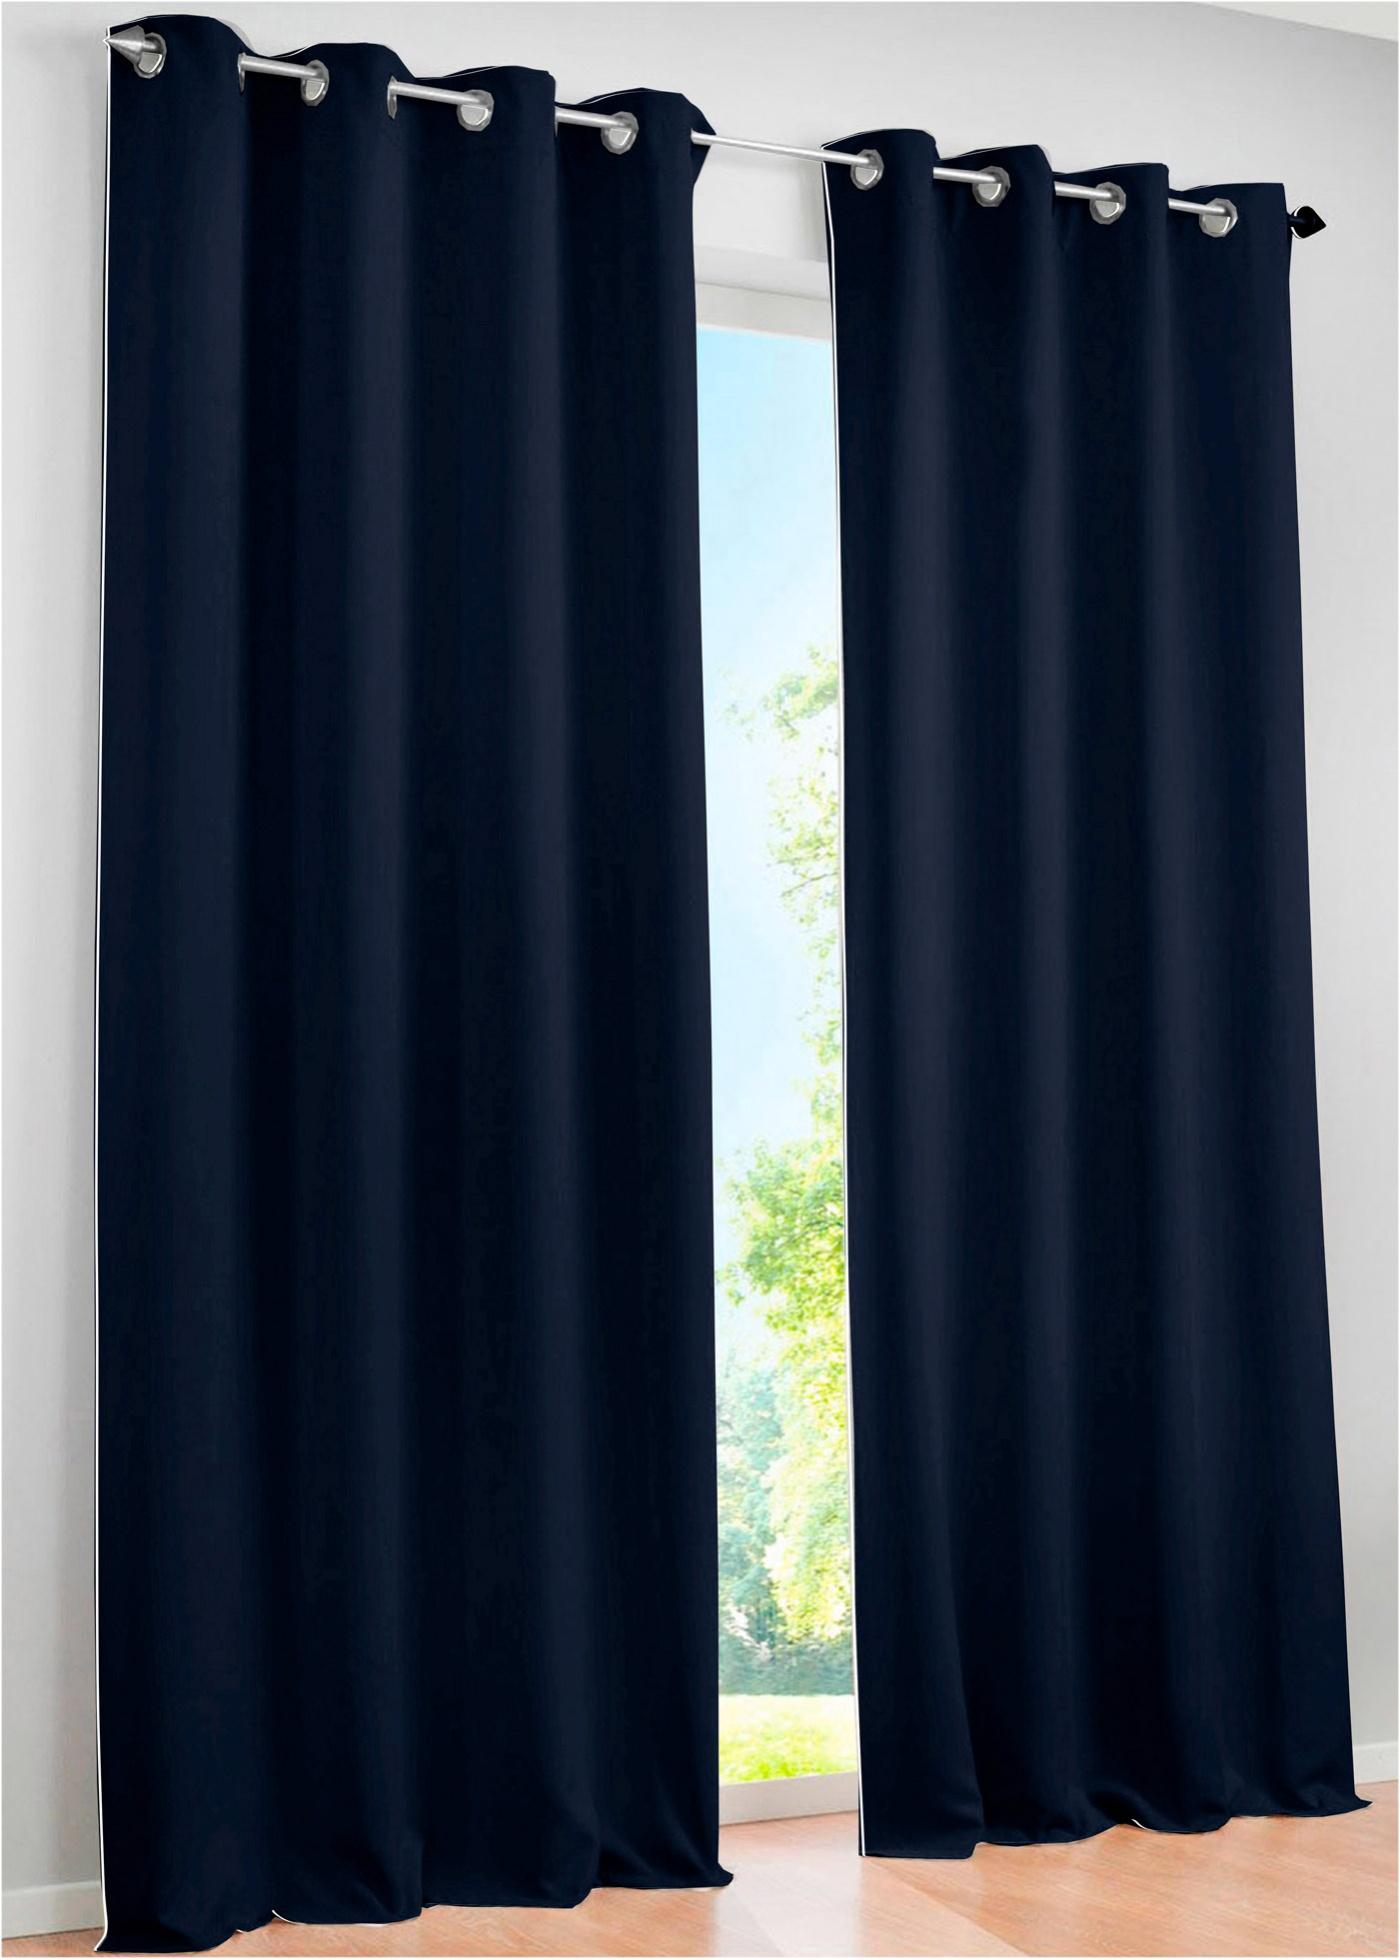 Gardinen mit oesen verdunkelung preisvergleiche for Verdunkelungsvorhang blau